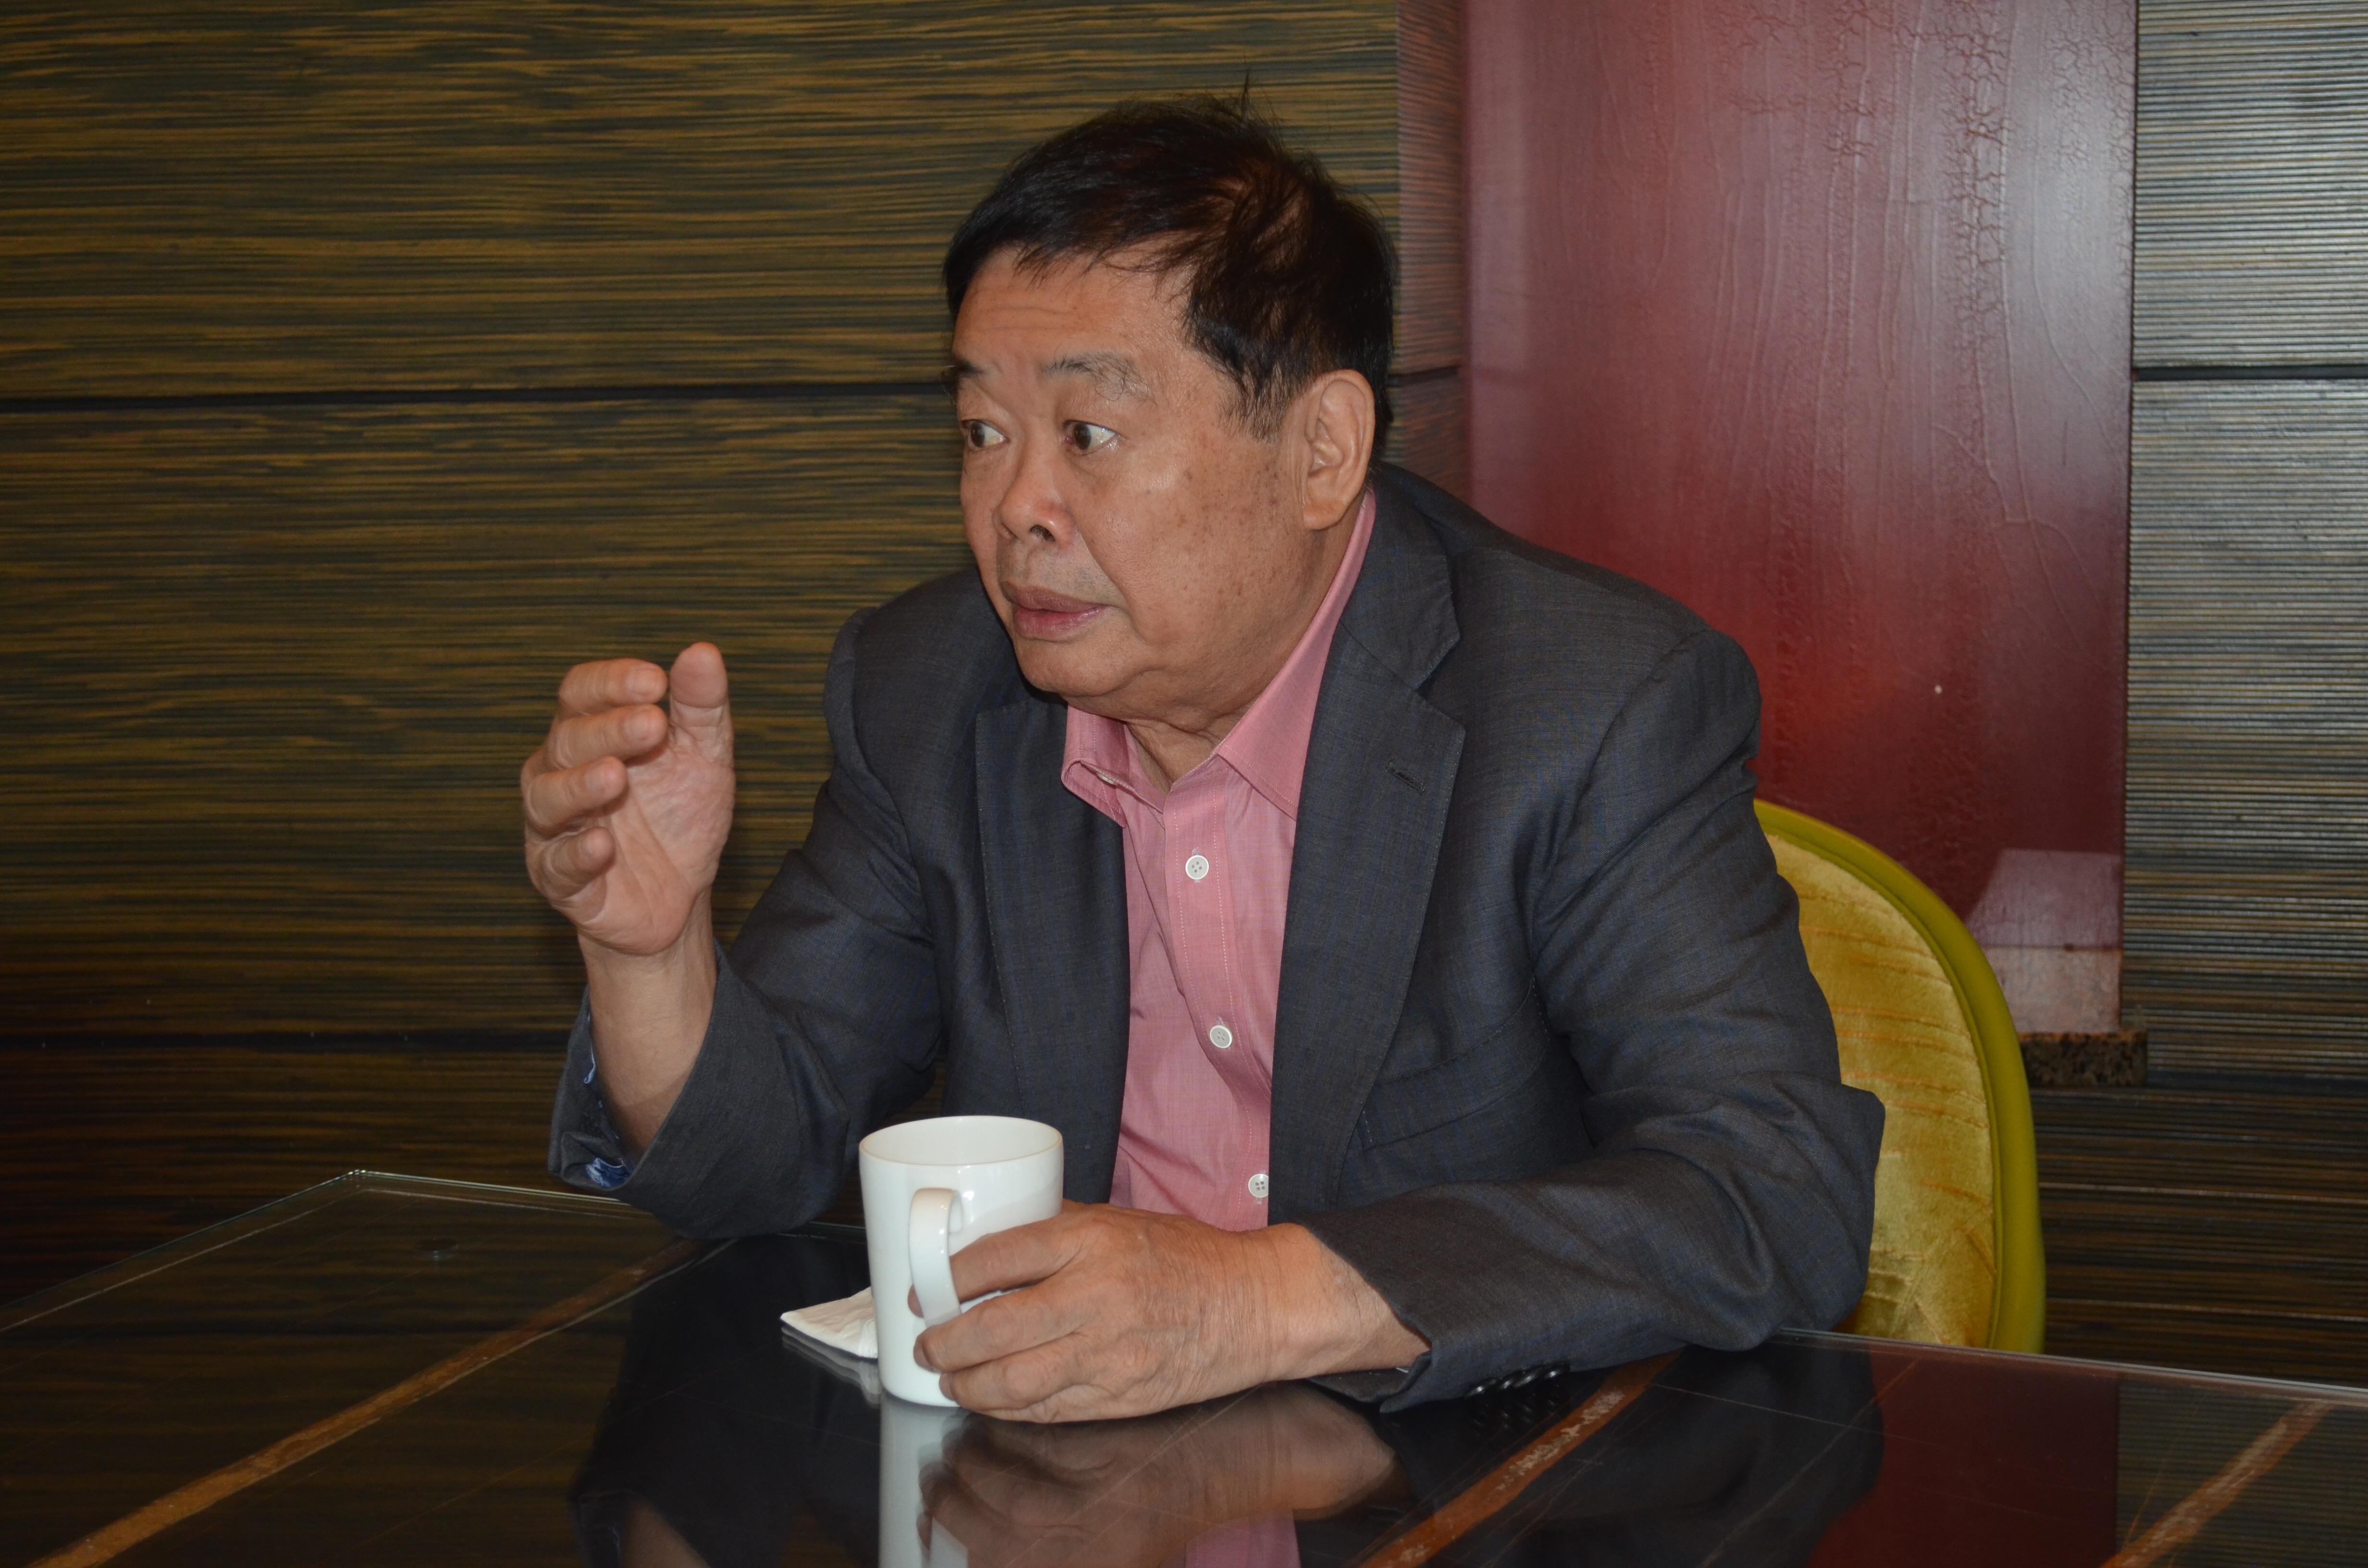 曹德旺:美国的工会制度已经不适合制造业发展